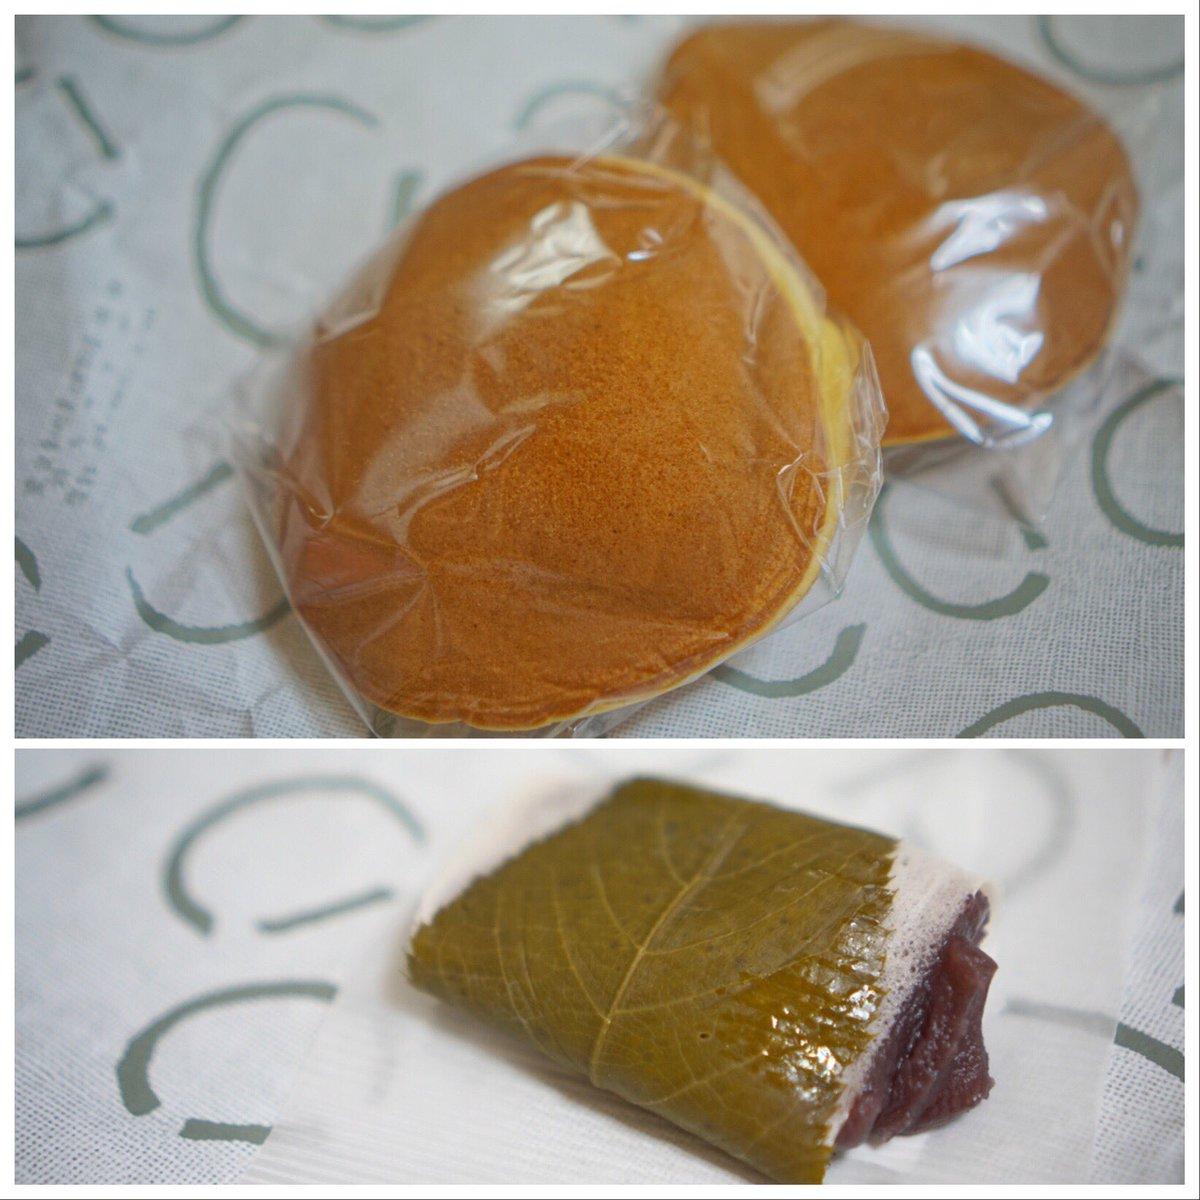 test ツイッターメディア - うさぎや 「どら焼き」 「さくら餅」 . #和菓子 #どら焼き #さくら餅 #桜餅 #桜 #うさぎや https://t.co/KQ7WgksaQj